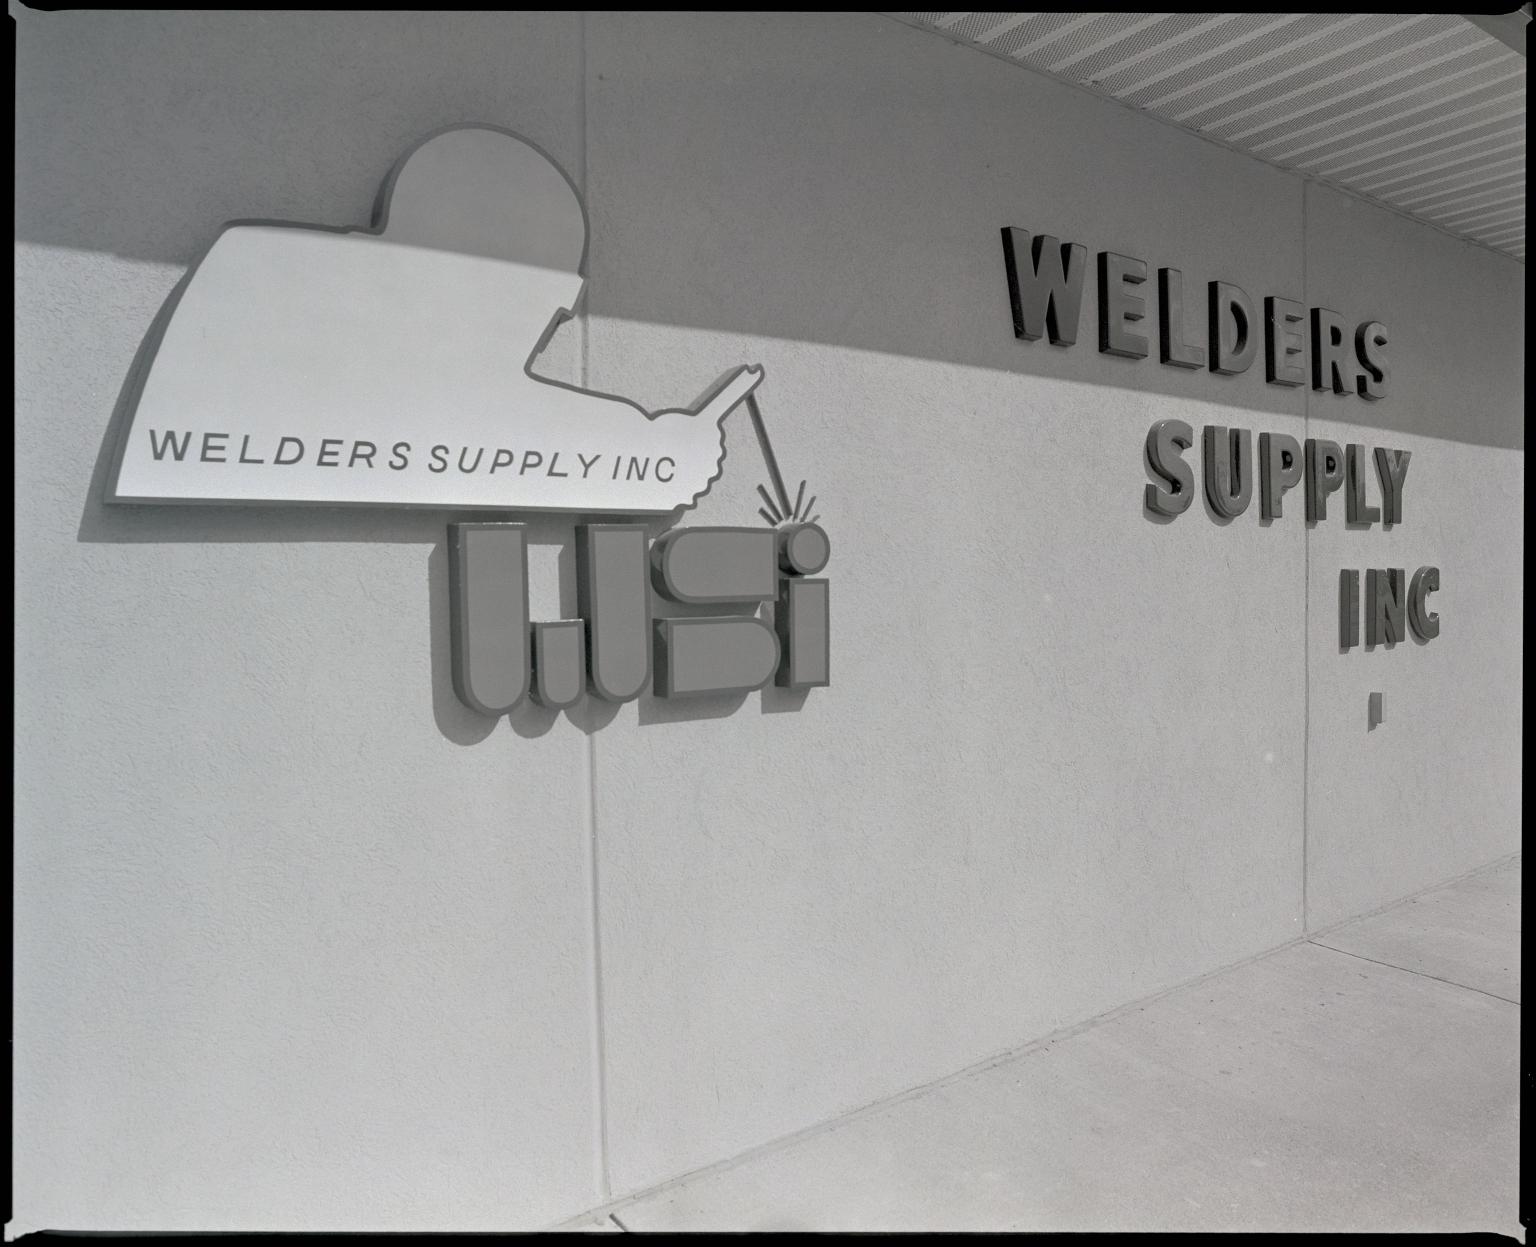 Welders Supply Inc.